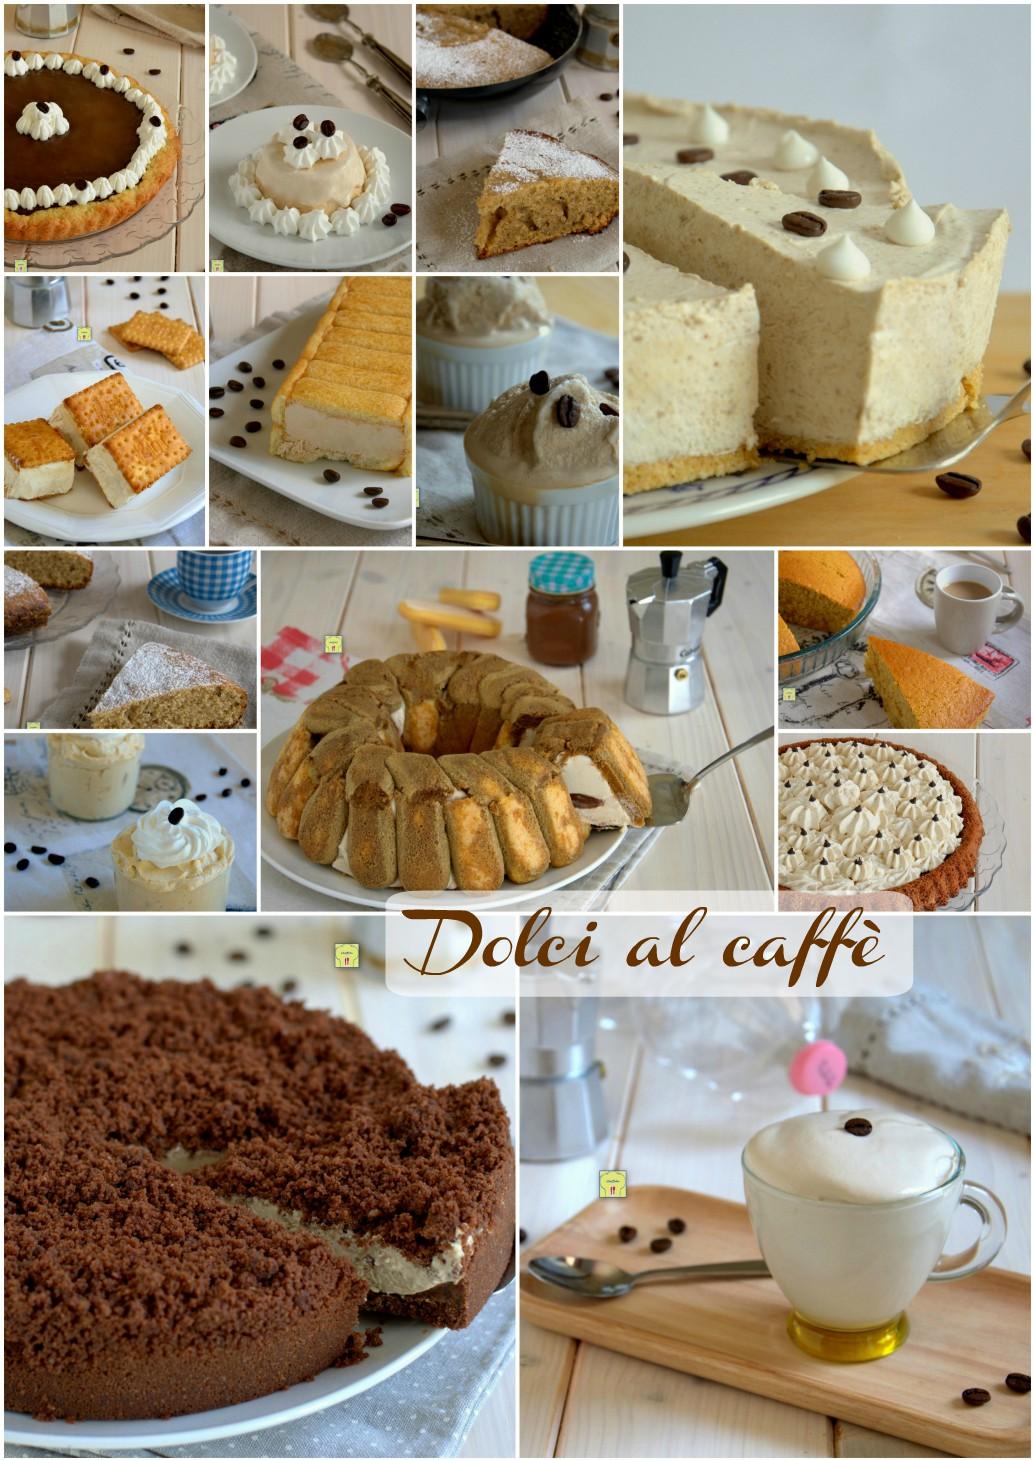 dolci al caffè gp